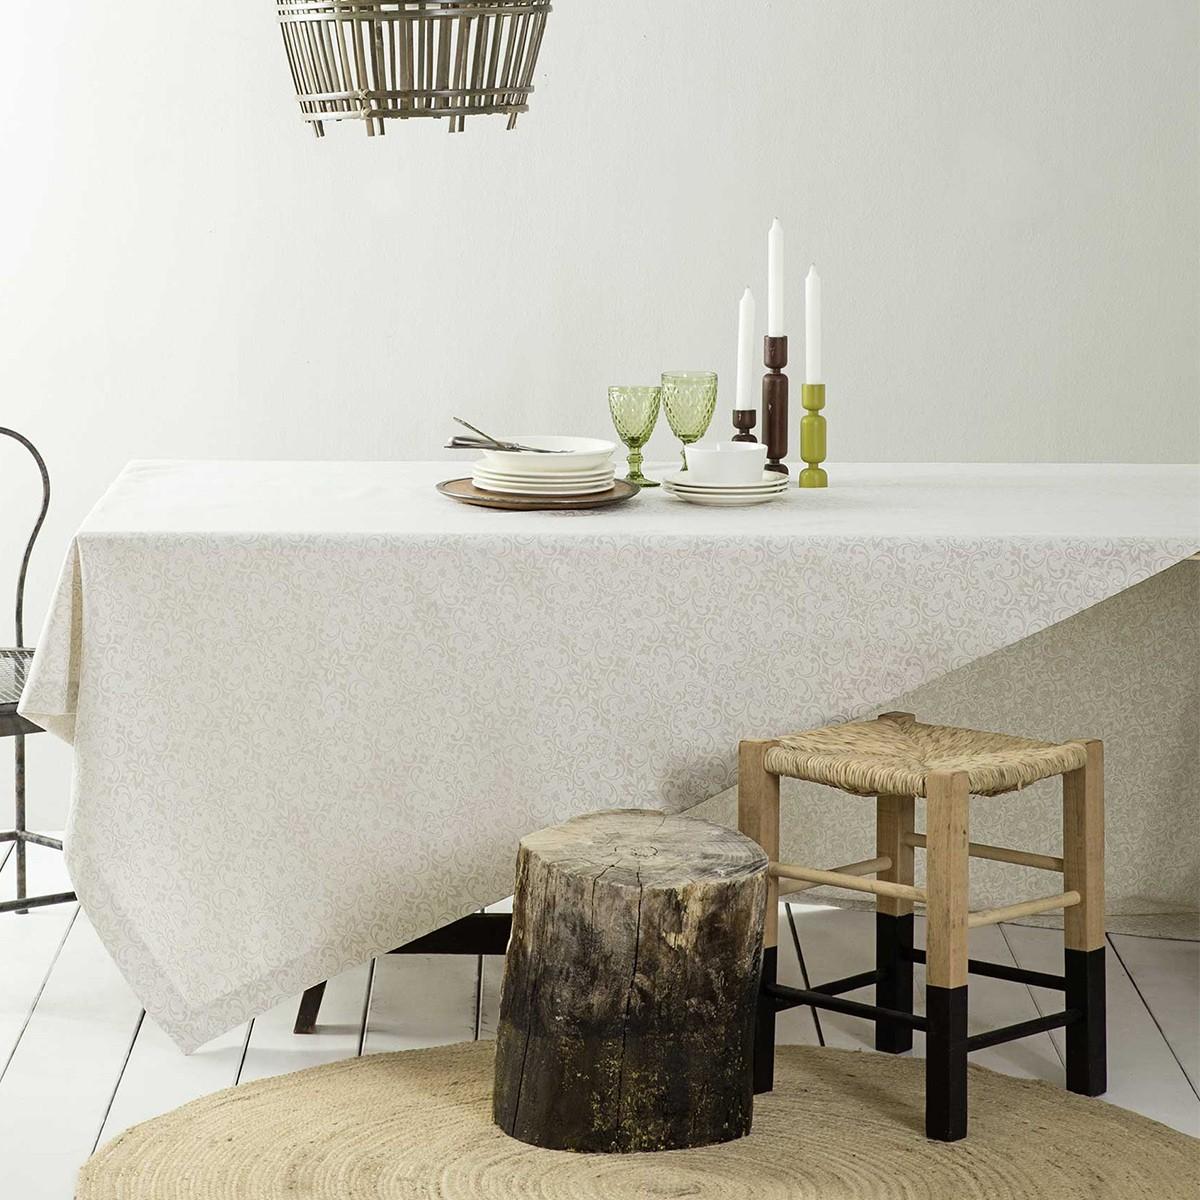 Τραπεζομάντηλο (165x310) Nima Table Linen Albero Beige